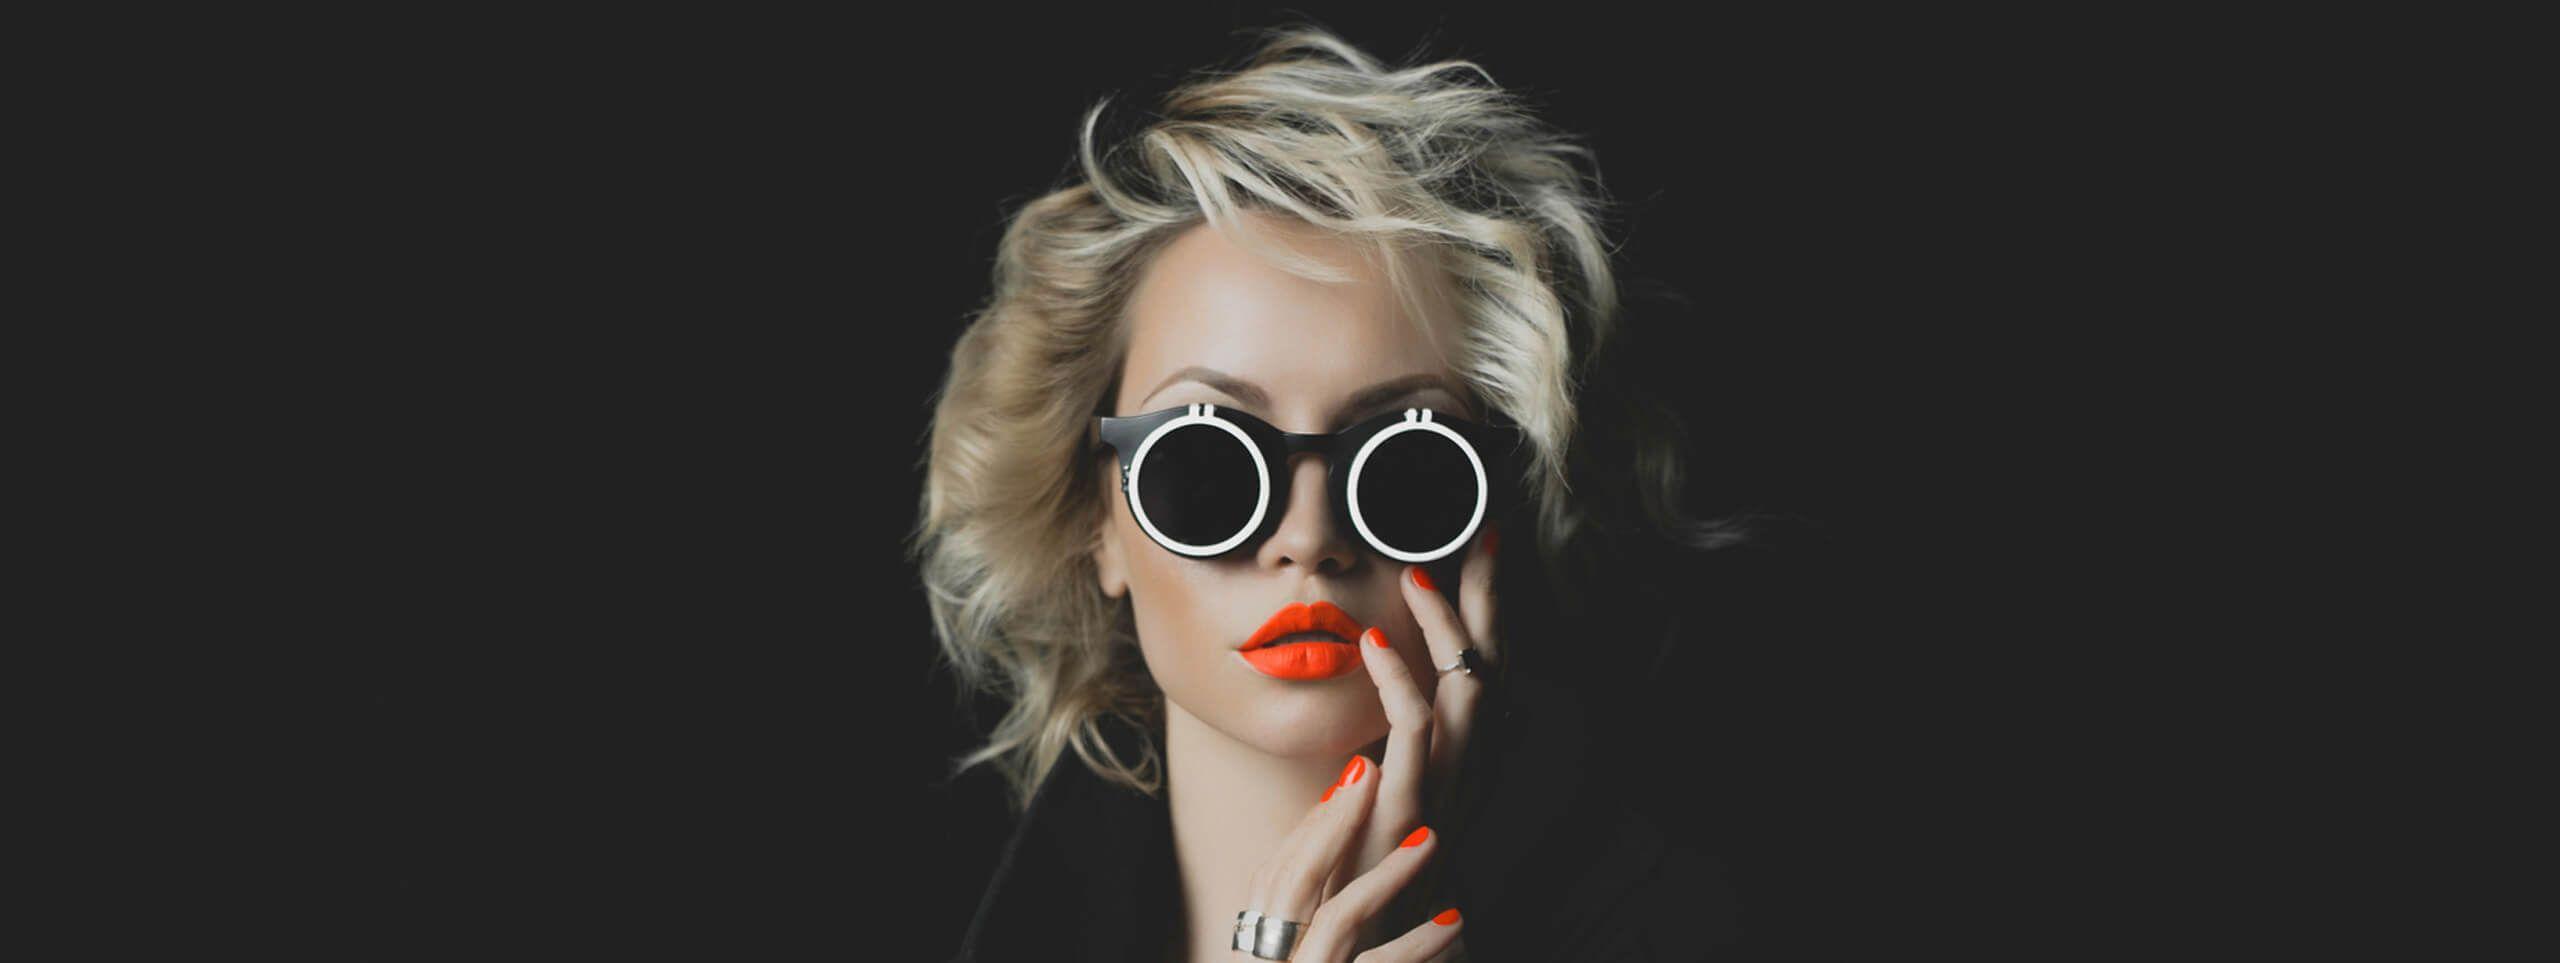 Kobieta w ciemnych okularach i krótkich blond włosach